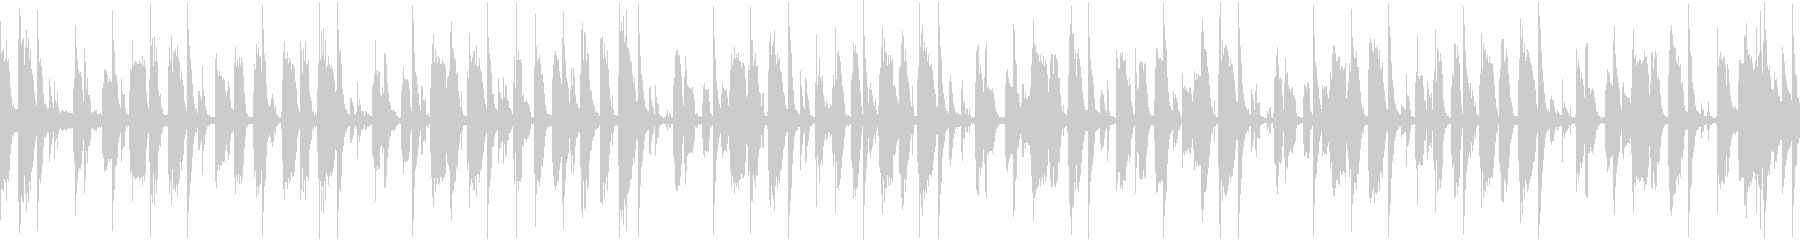 大人なジャズレトロの未再生の波形